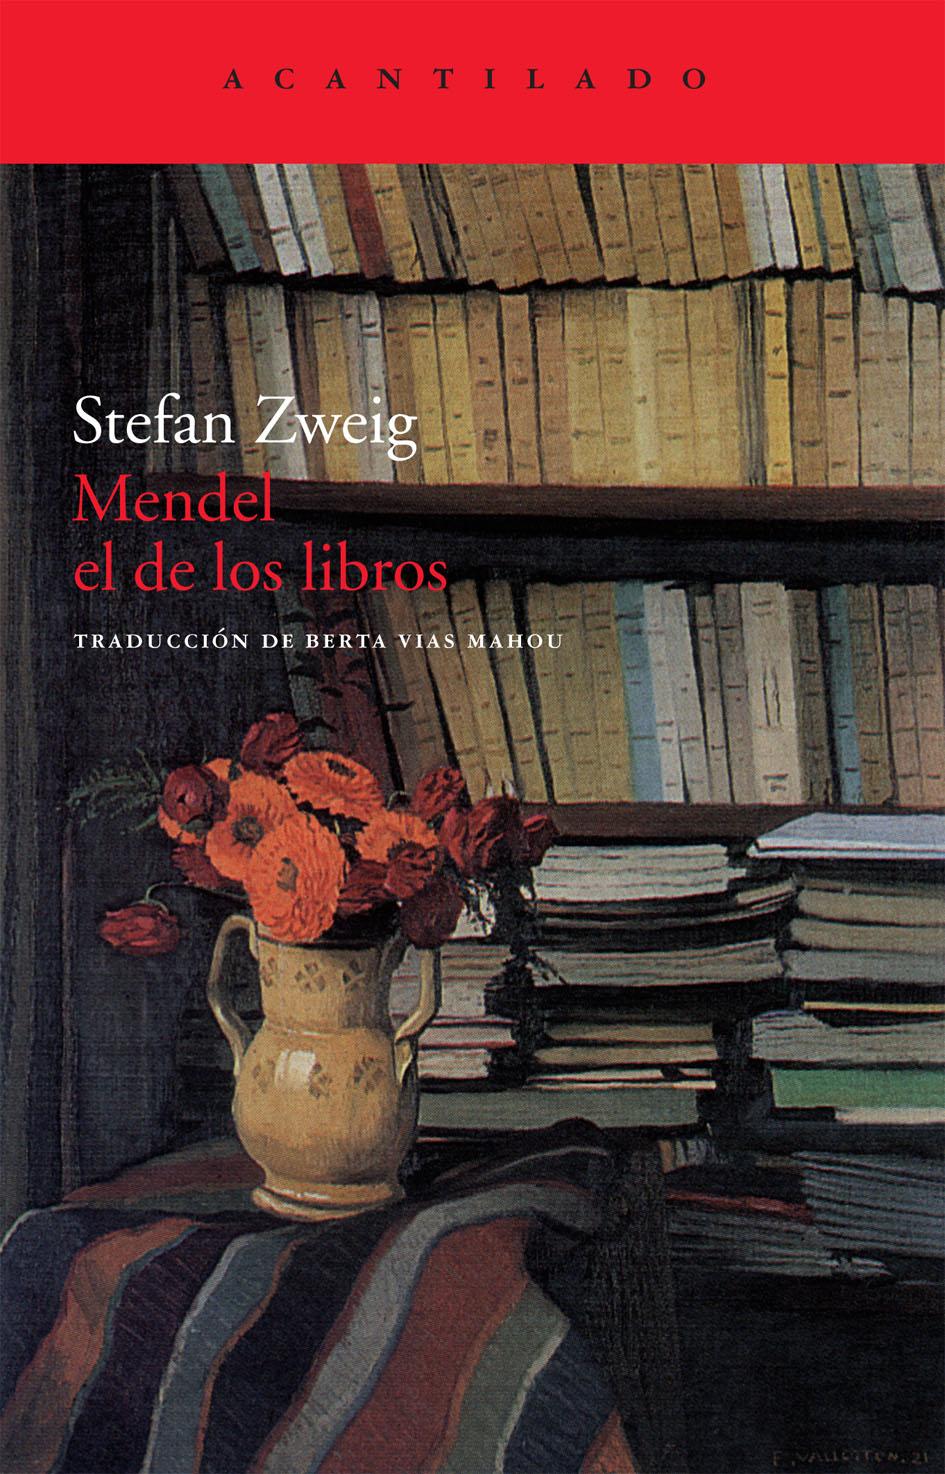 Resultado de imagen de Mendel el de los libros Stefan Zweig